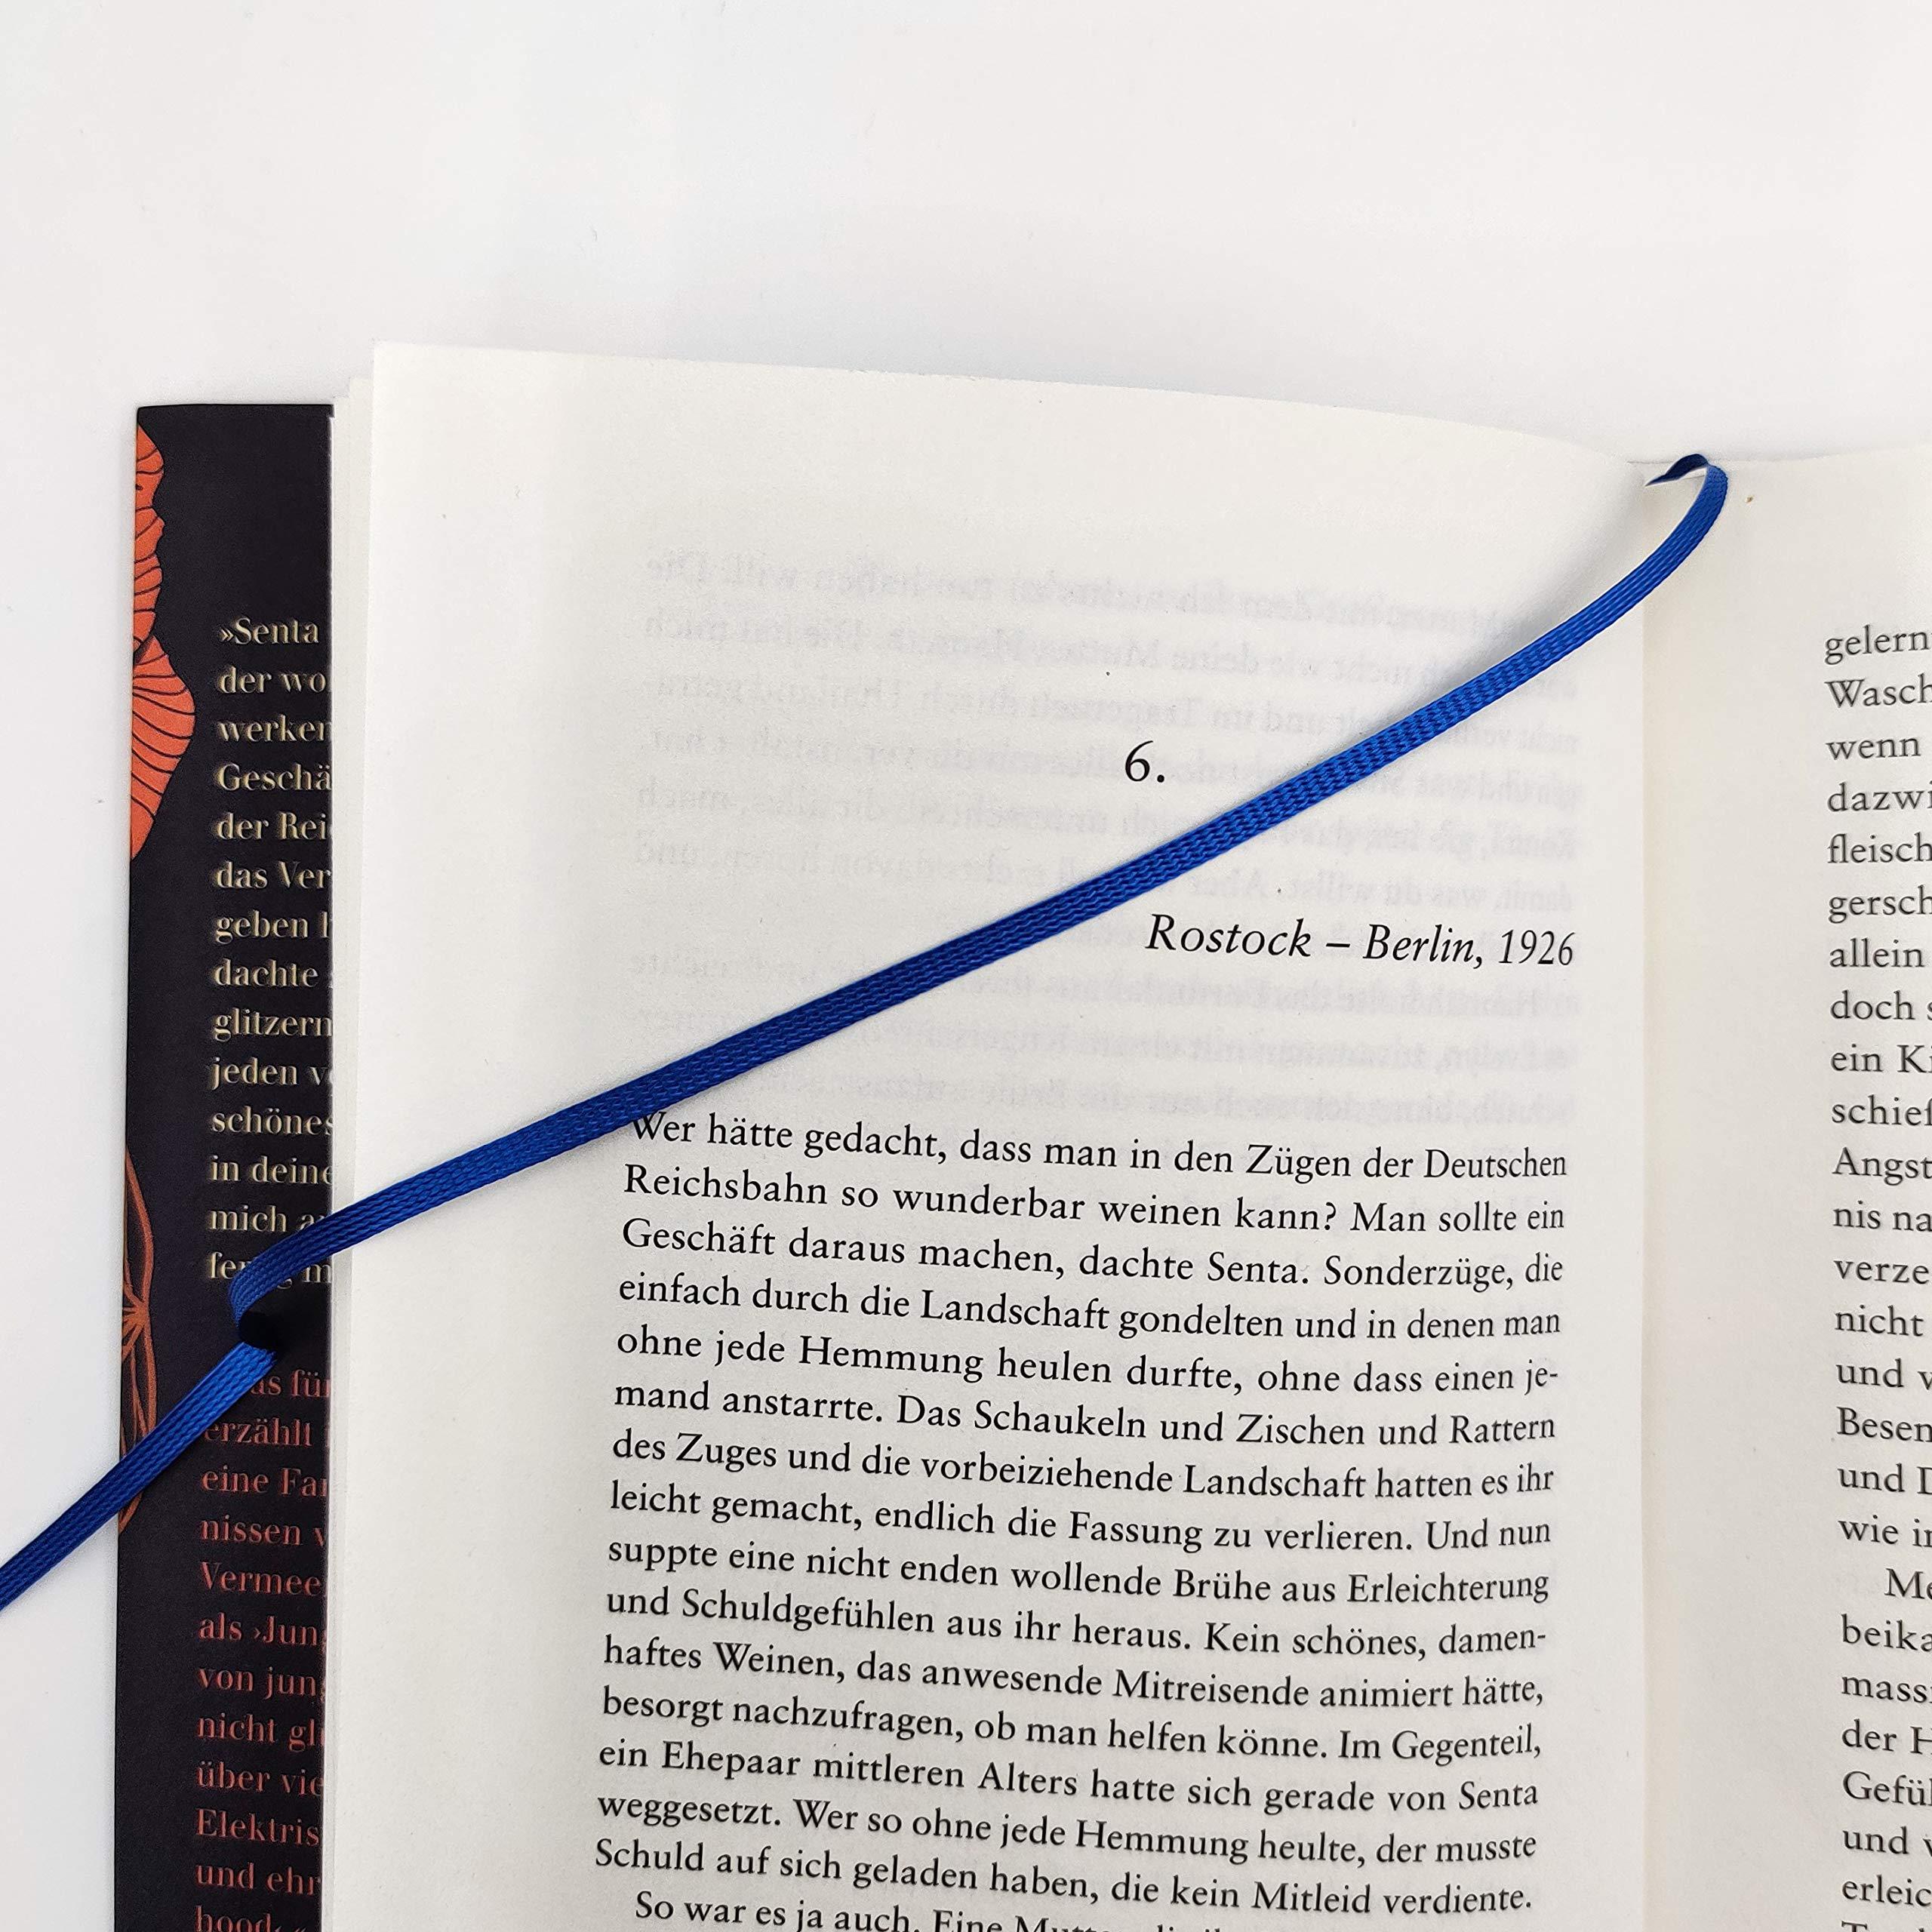 Junge Frau Am Fenster Stehend Abendlicht Blaues Kleid Roman Schröder Alena Bücher